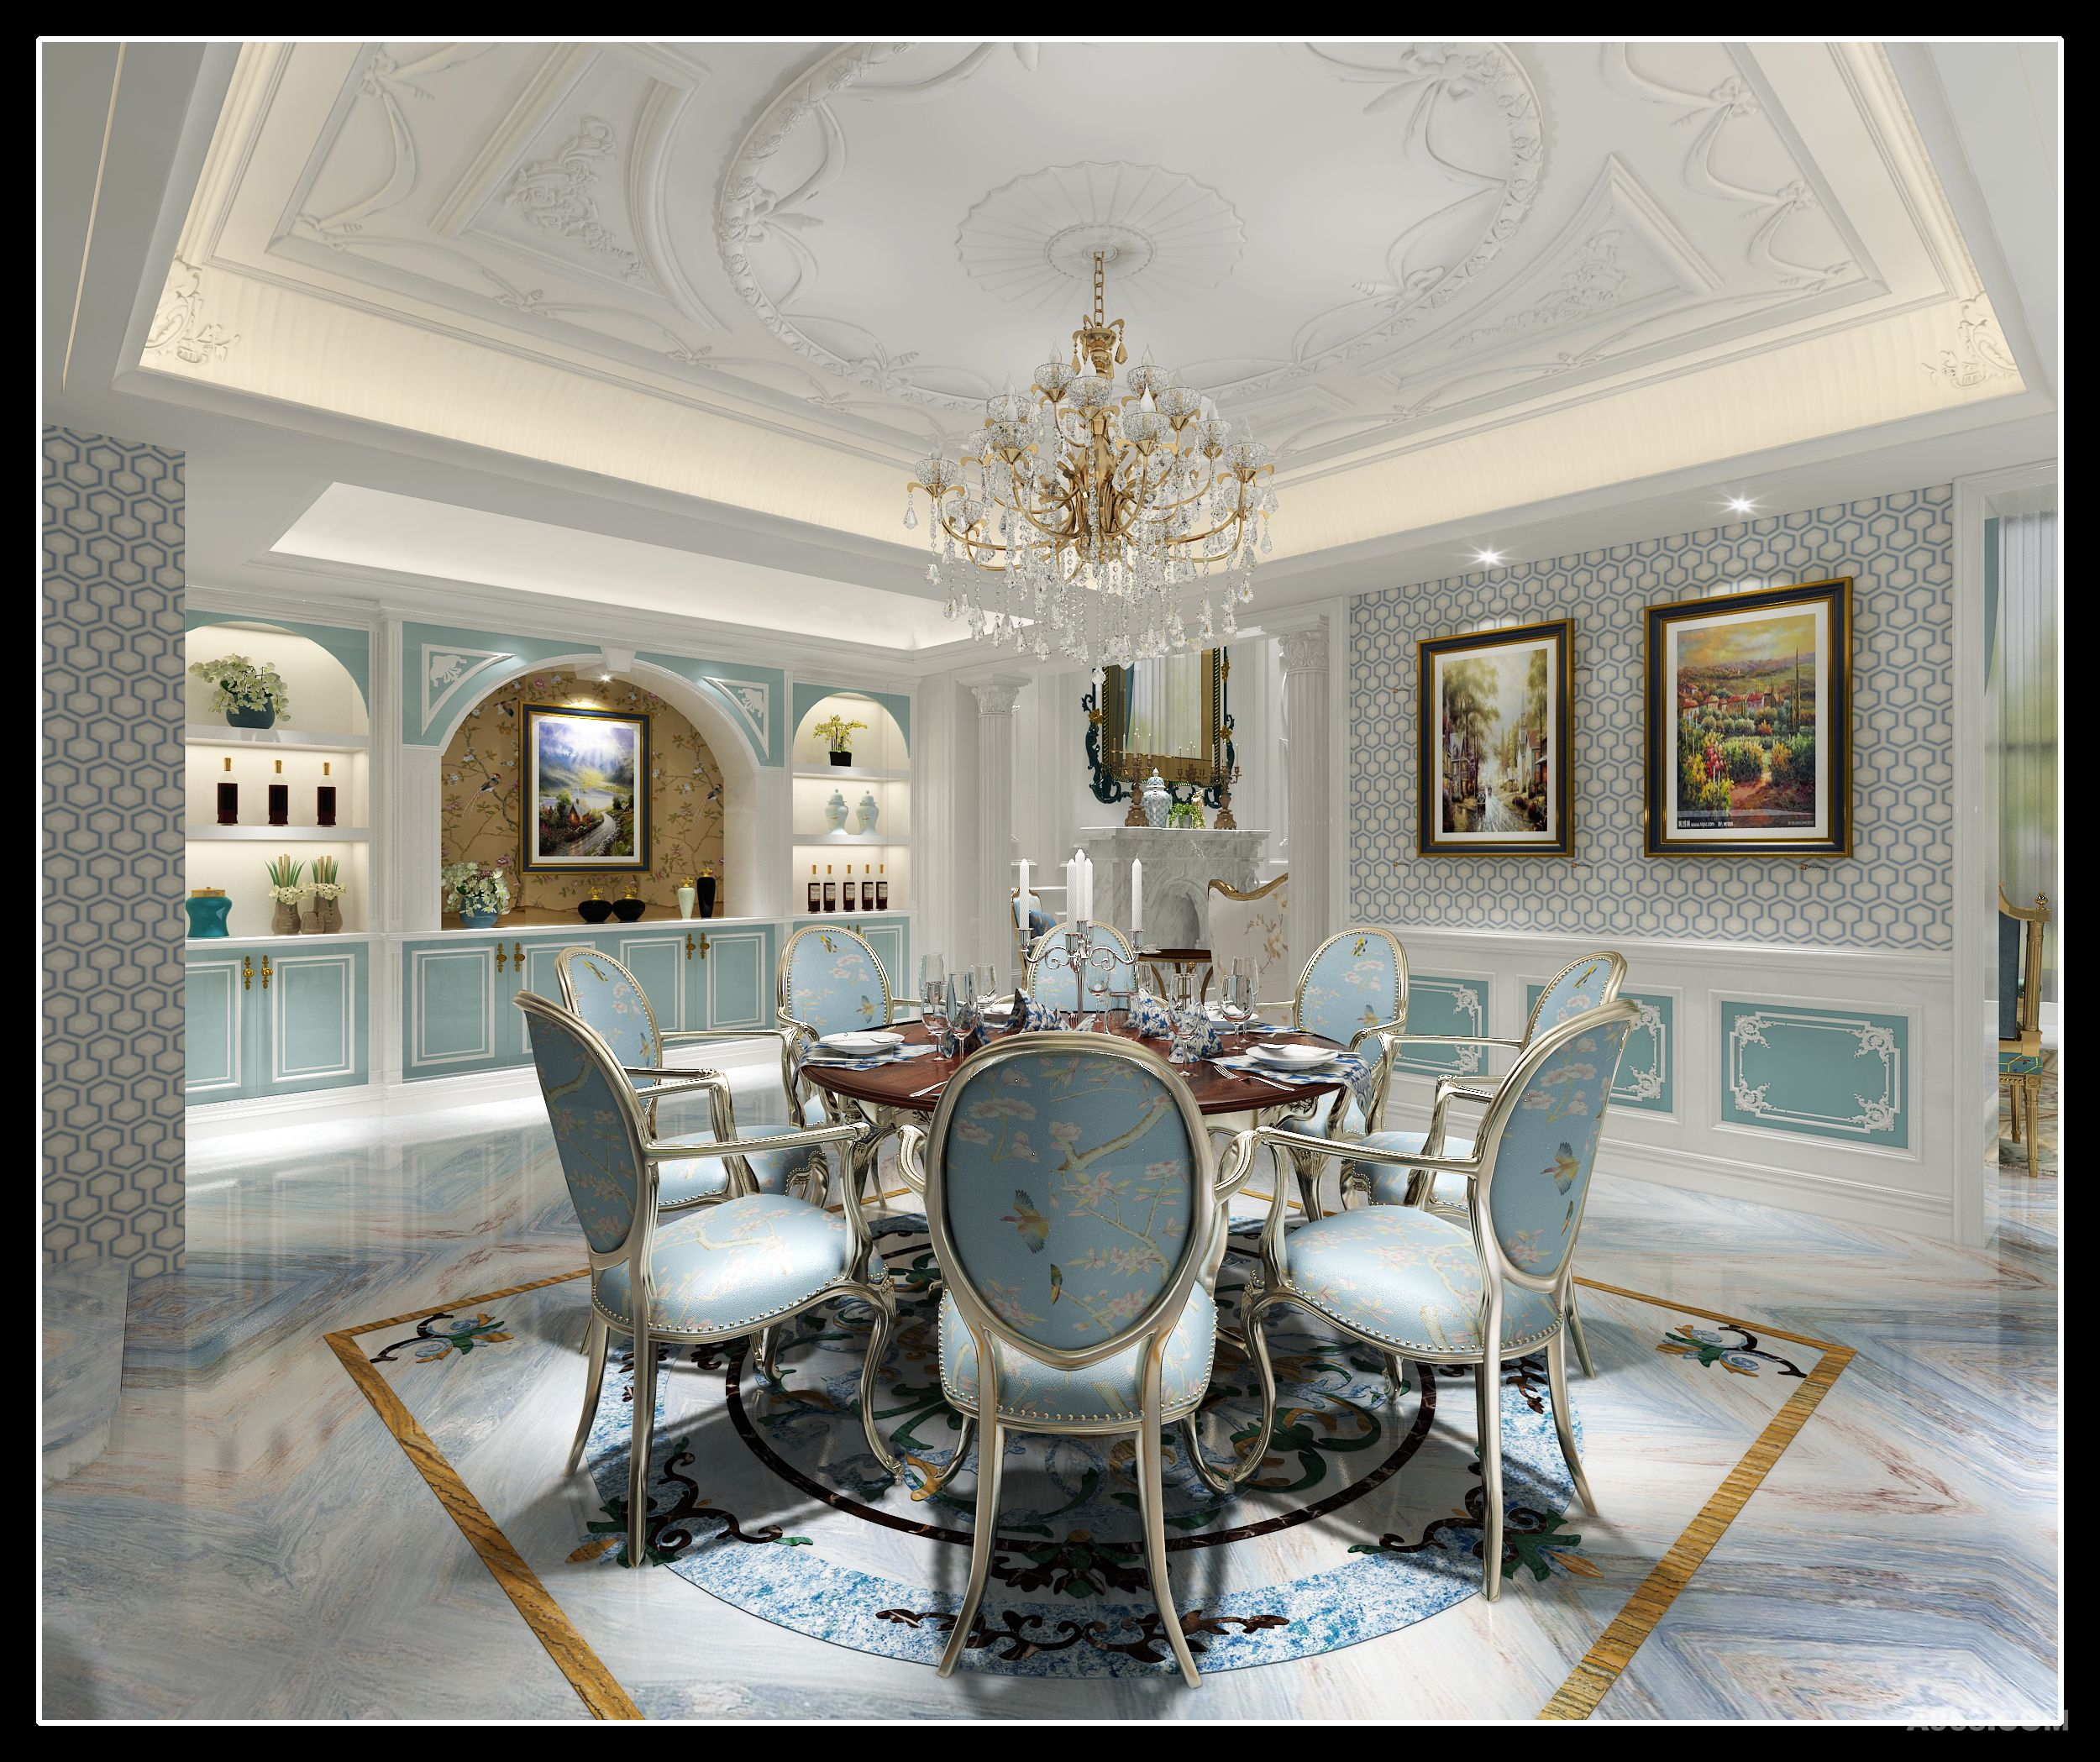 法式的内敛与典雅,墙上的灰色简约花纹柔和了复杂花纹石膏线与地面的图片